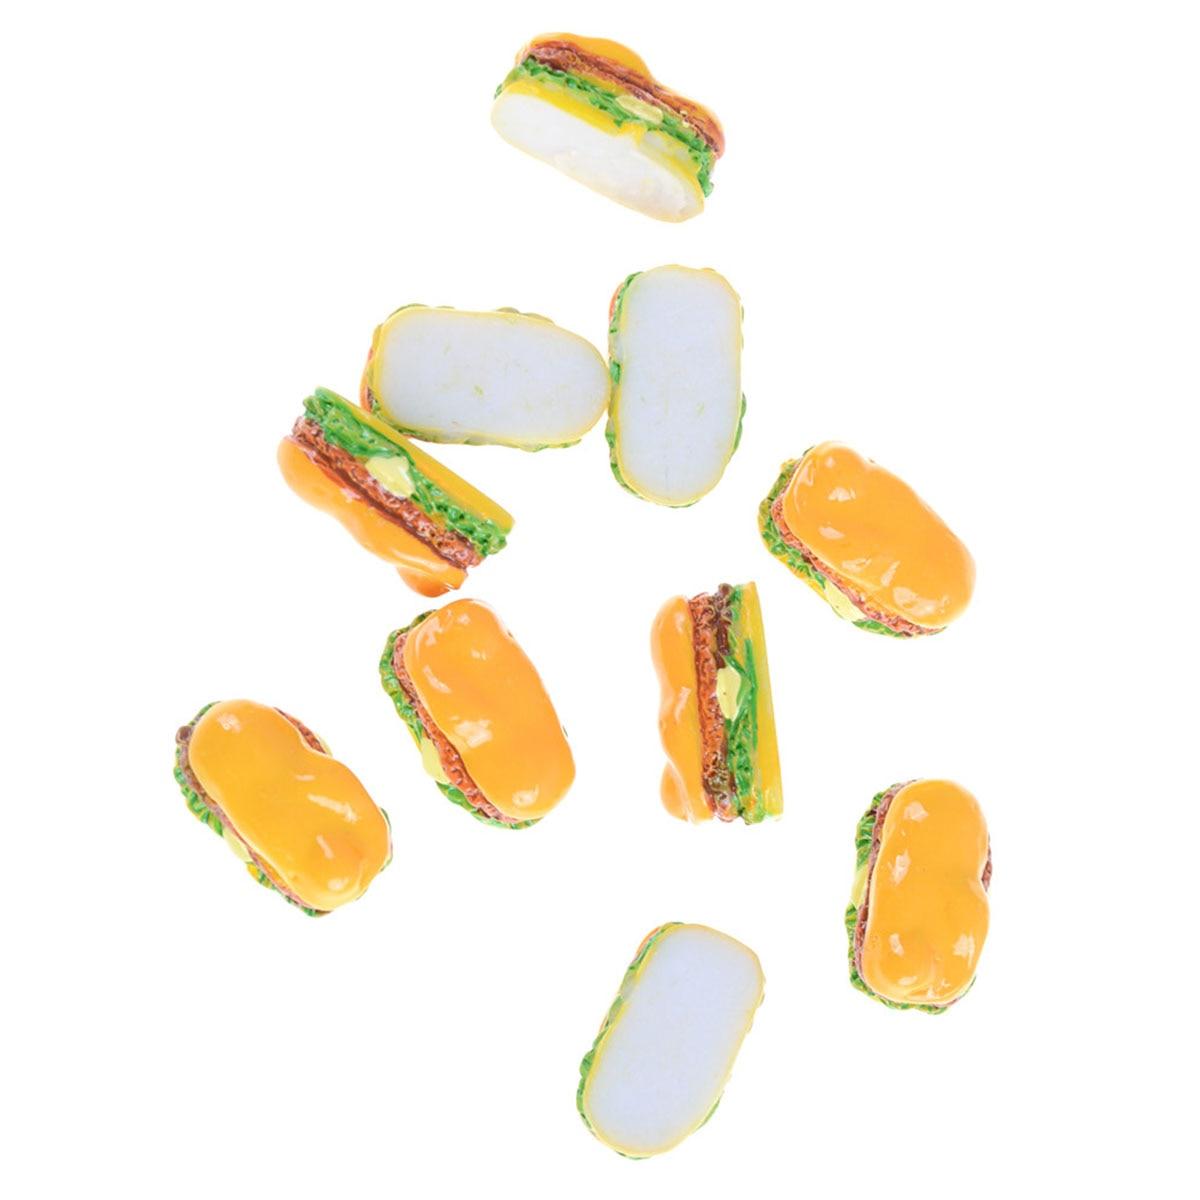 10 ⑤ упак. хот-дог пищевой набор 1:12 мини-еда для хот-догов хлеб кукла игрушки домик миниатюрные украшения